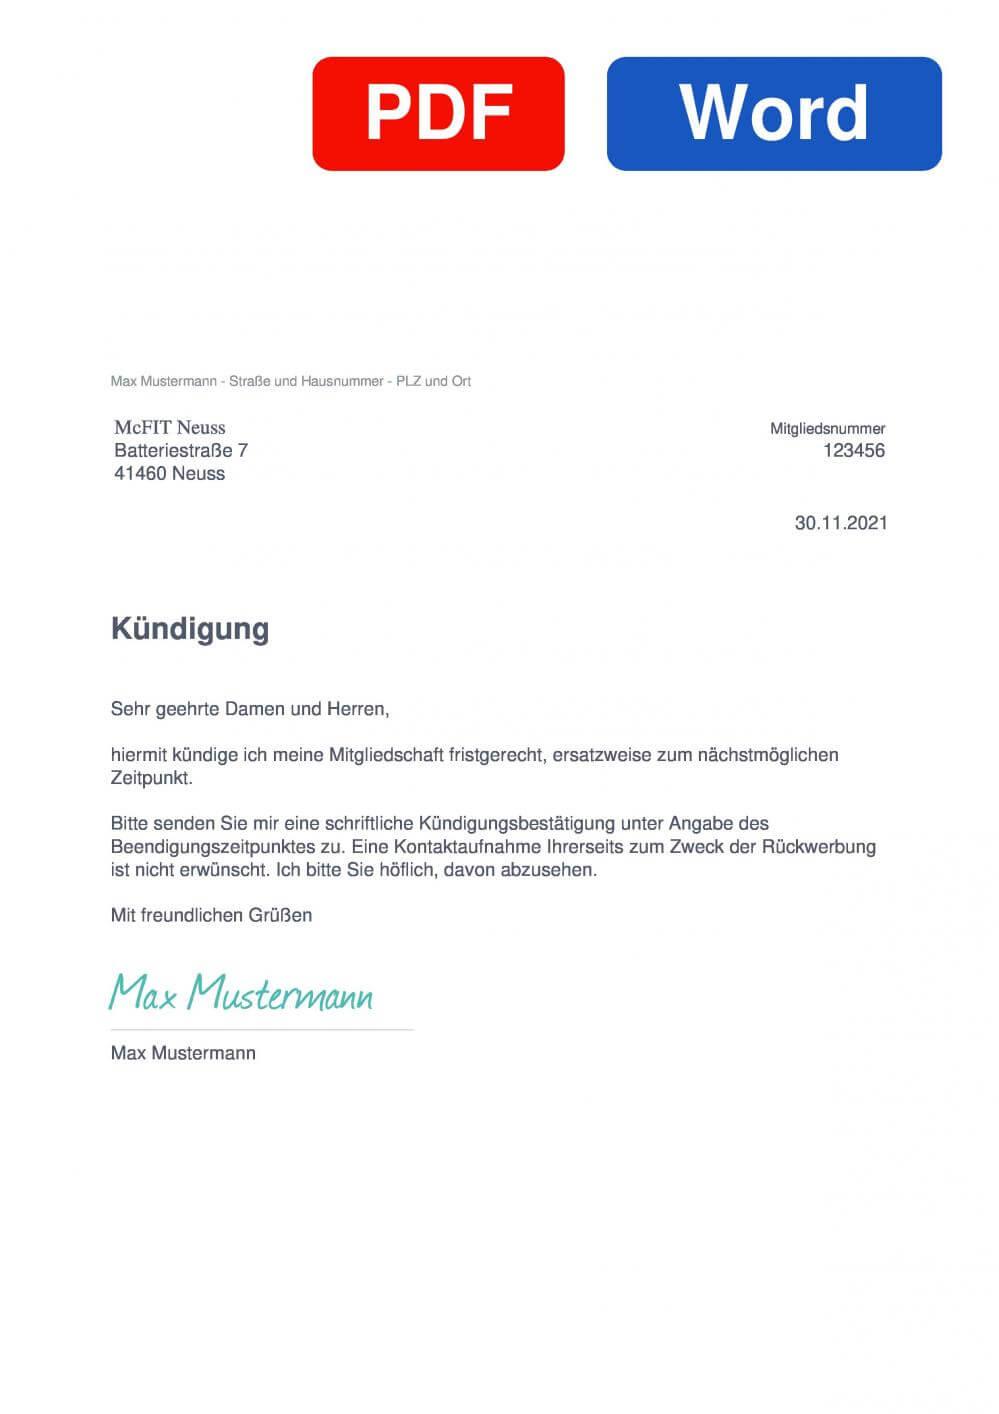 McFIT Neuss Muster Vorlage für Kündigungsschreiben